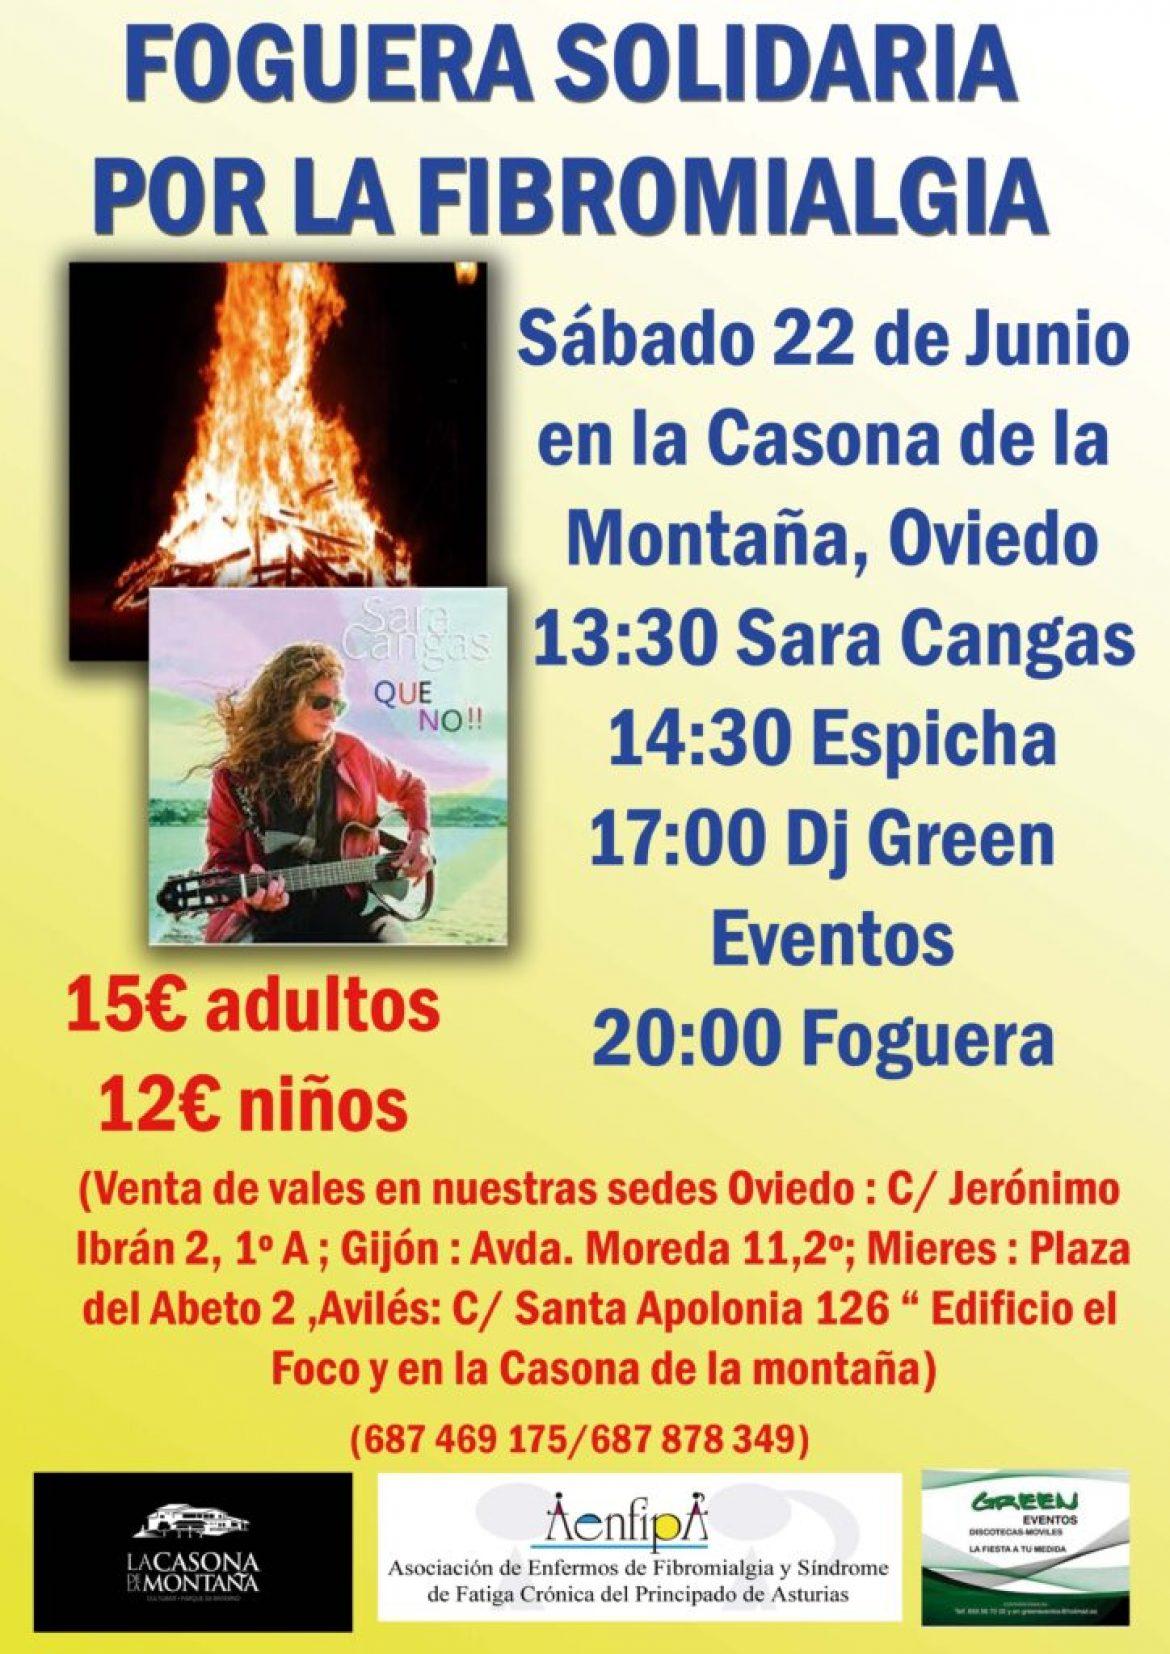 Foguera Solidaria 22 de Junio 2019